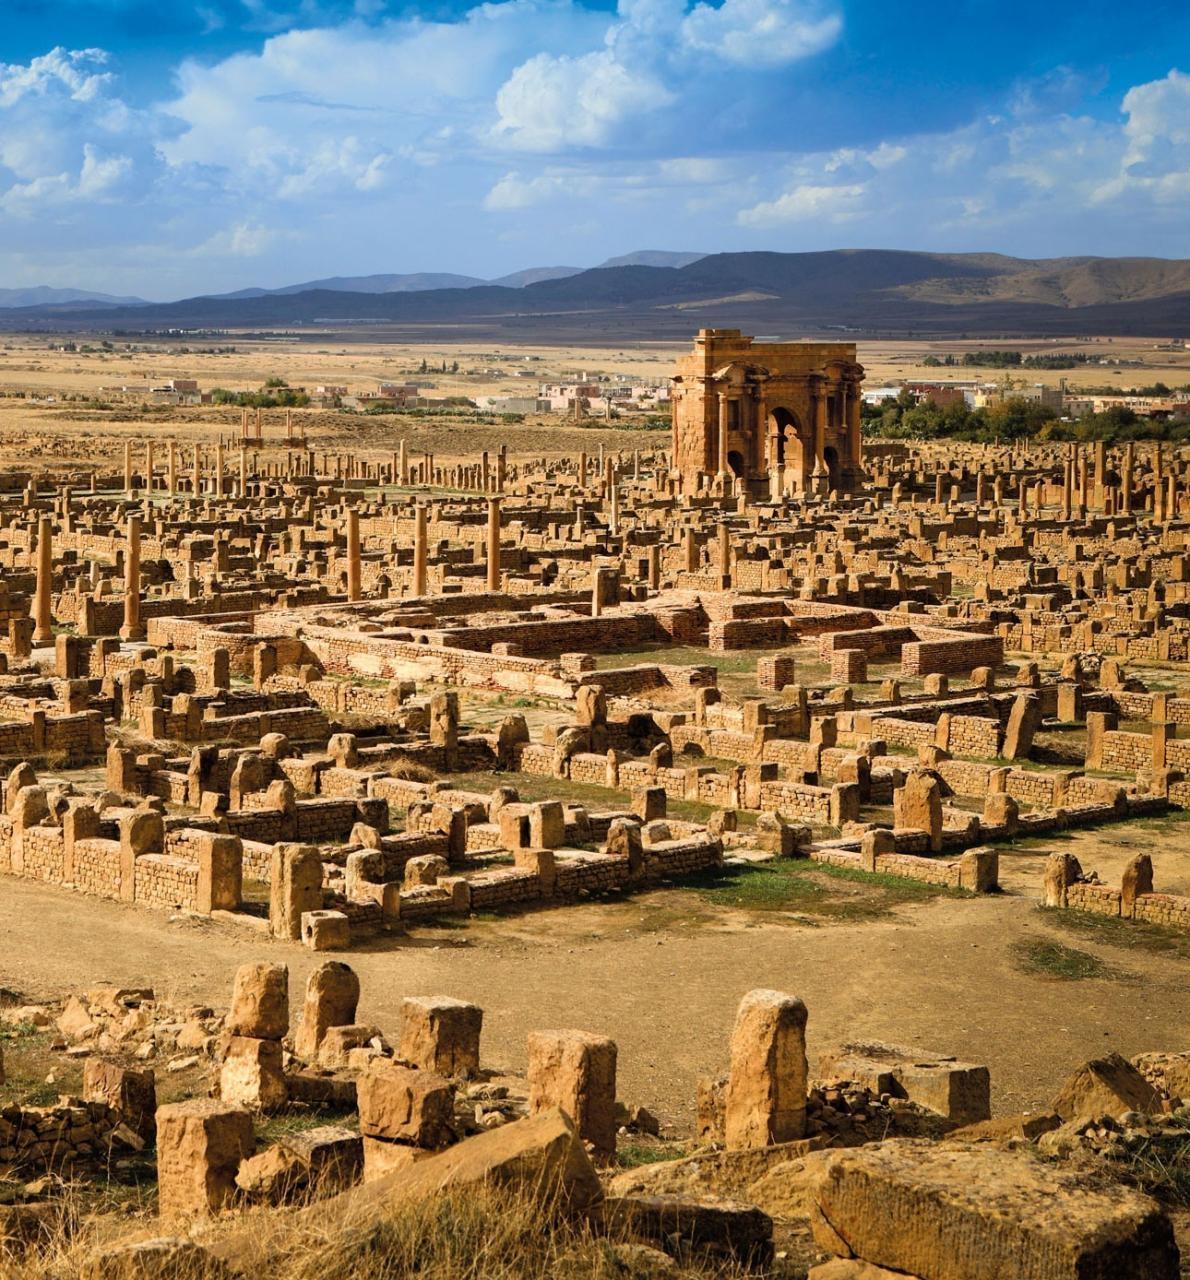 以羅馬皇帝為名的圖拉真拱門(Arch of Trajan)在位於當代阿爾及利亞的薩穆加迪(Thamugadi)廢墟間顯得突出。PHOTOGRAPH BY IVAN VDOVIN/AGE FOTOSTOCK